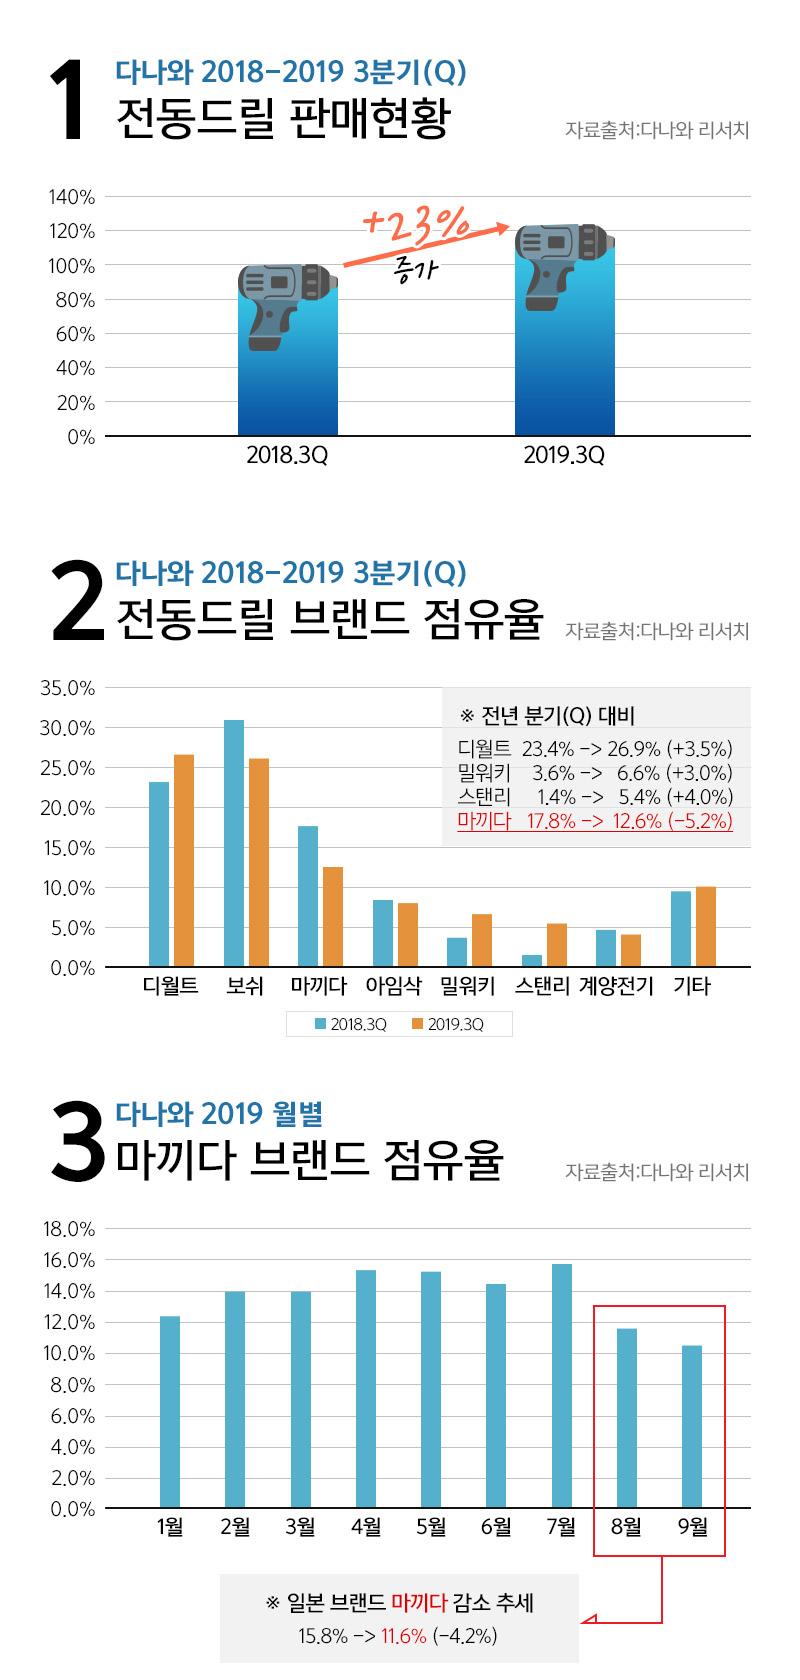 다나와 2018-2019 3분기(Q)    전동드릴 판매현황